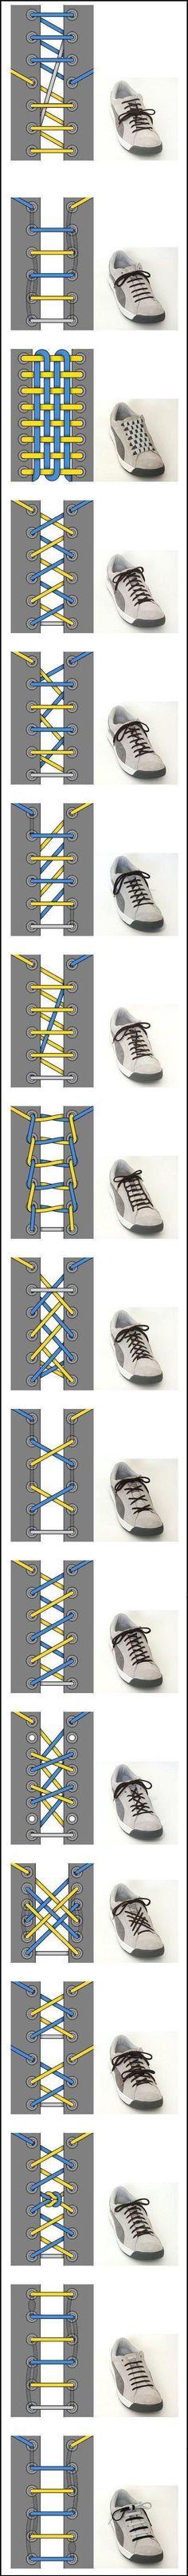 Shoe Lace Configurations! #shoes